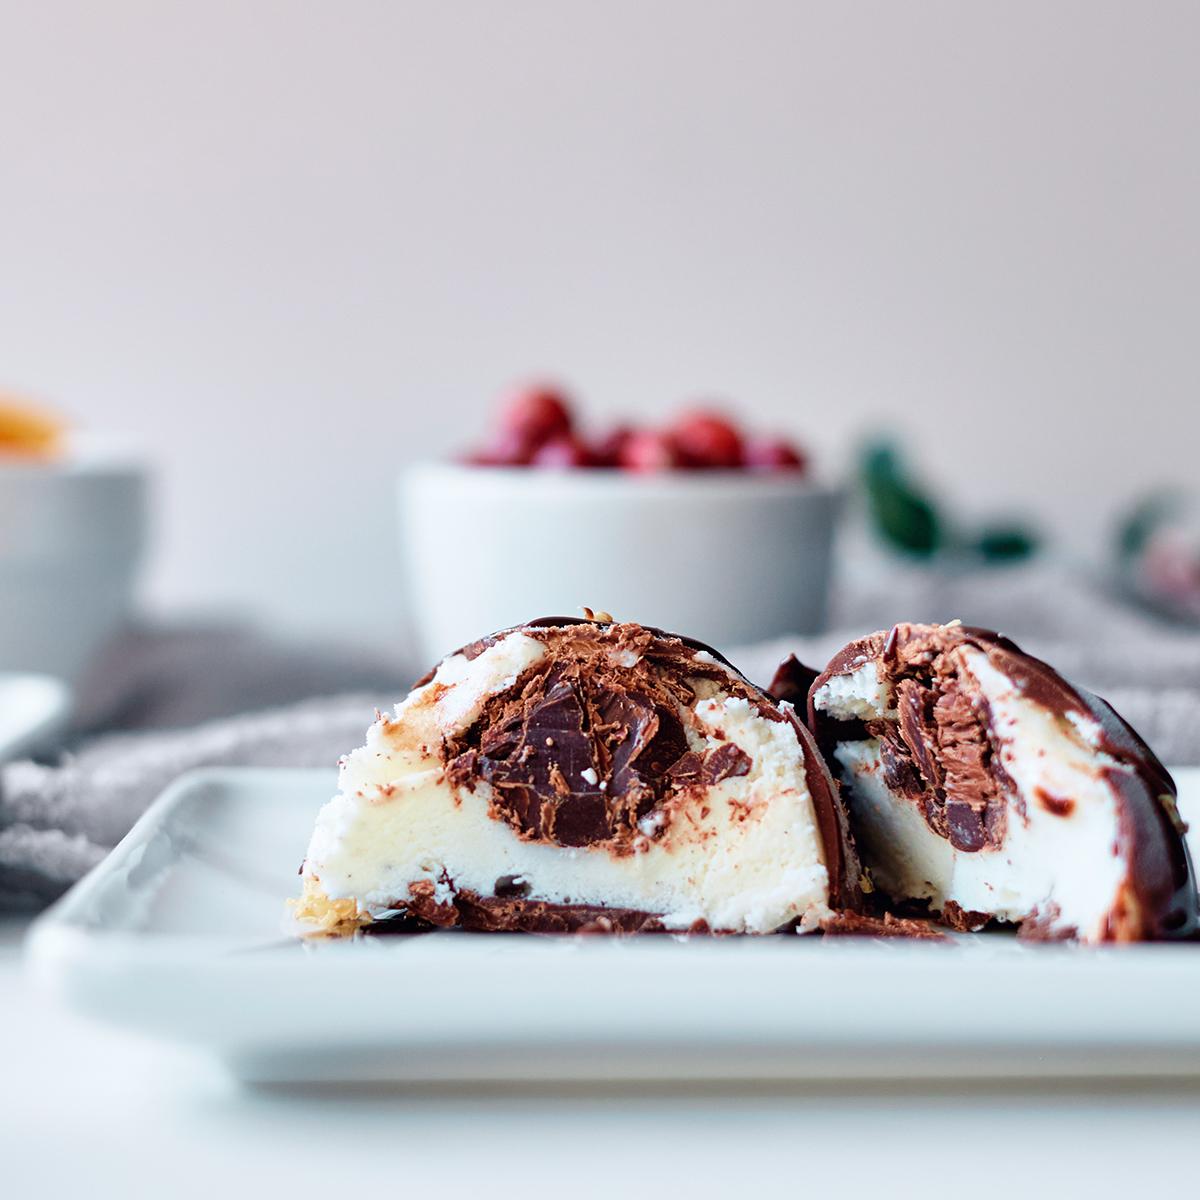 Tartufo - Vanilla Ice Cream Dome